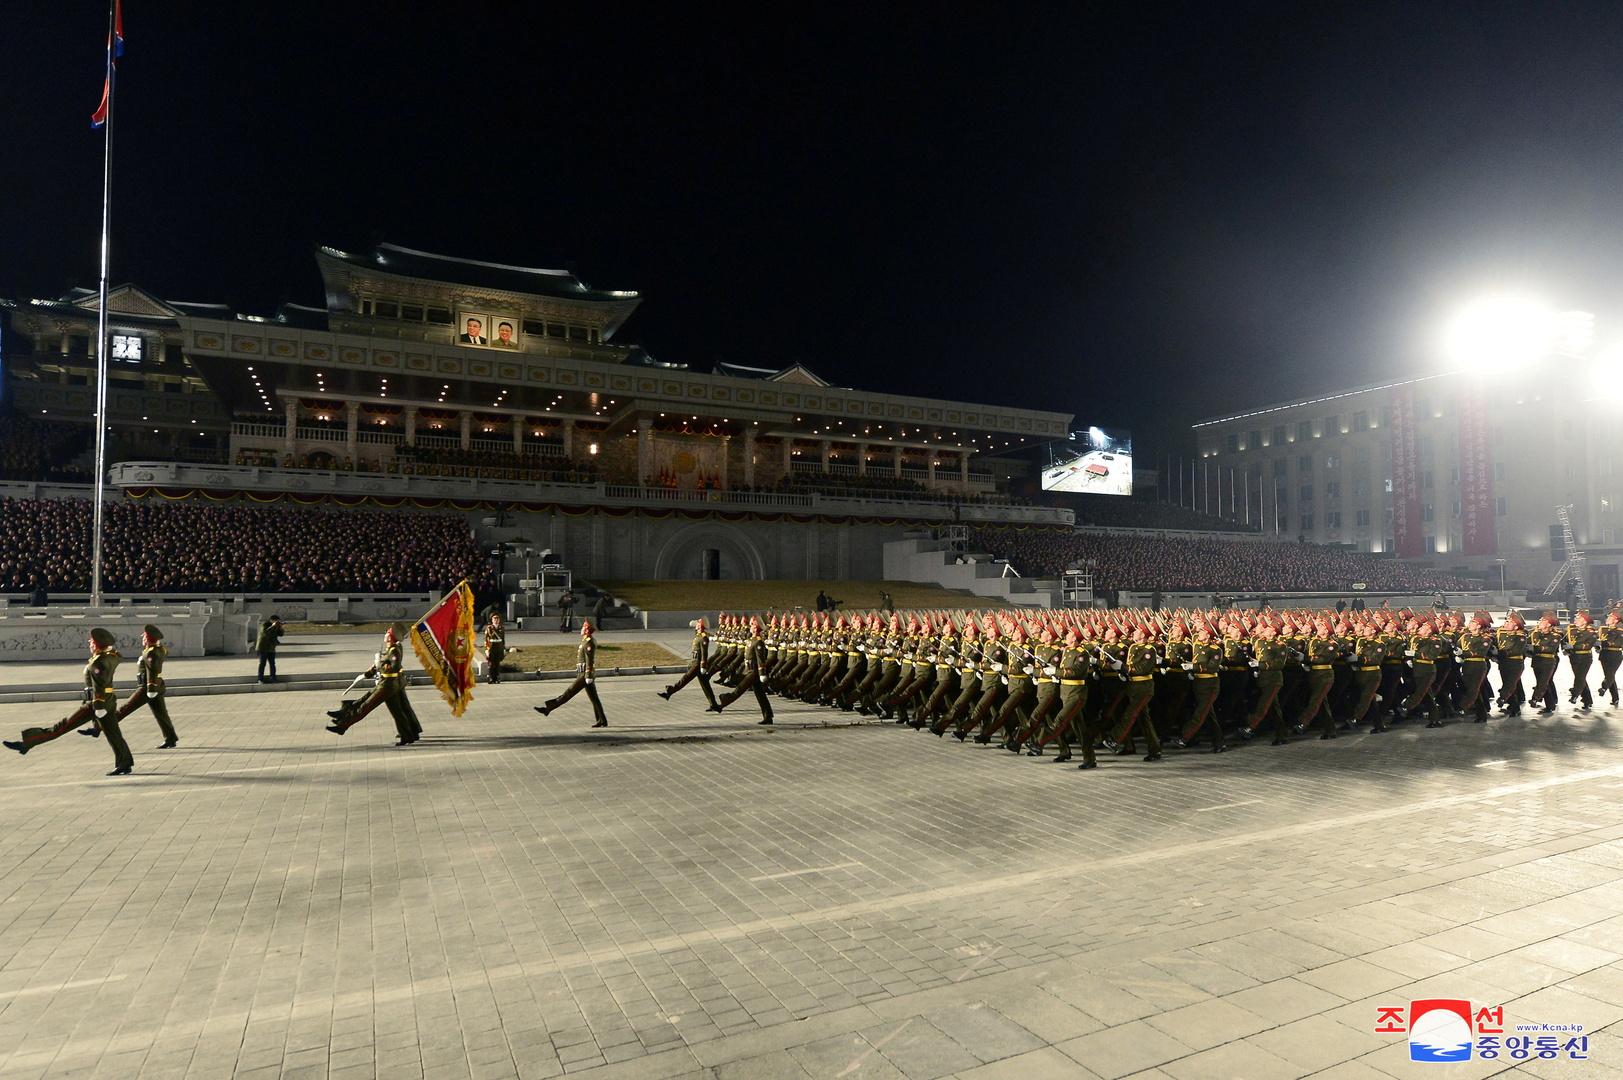 عرض عسكري في بيونغ يانغ (أرشيف).